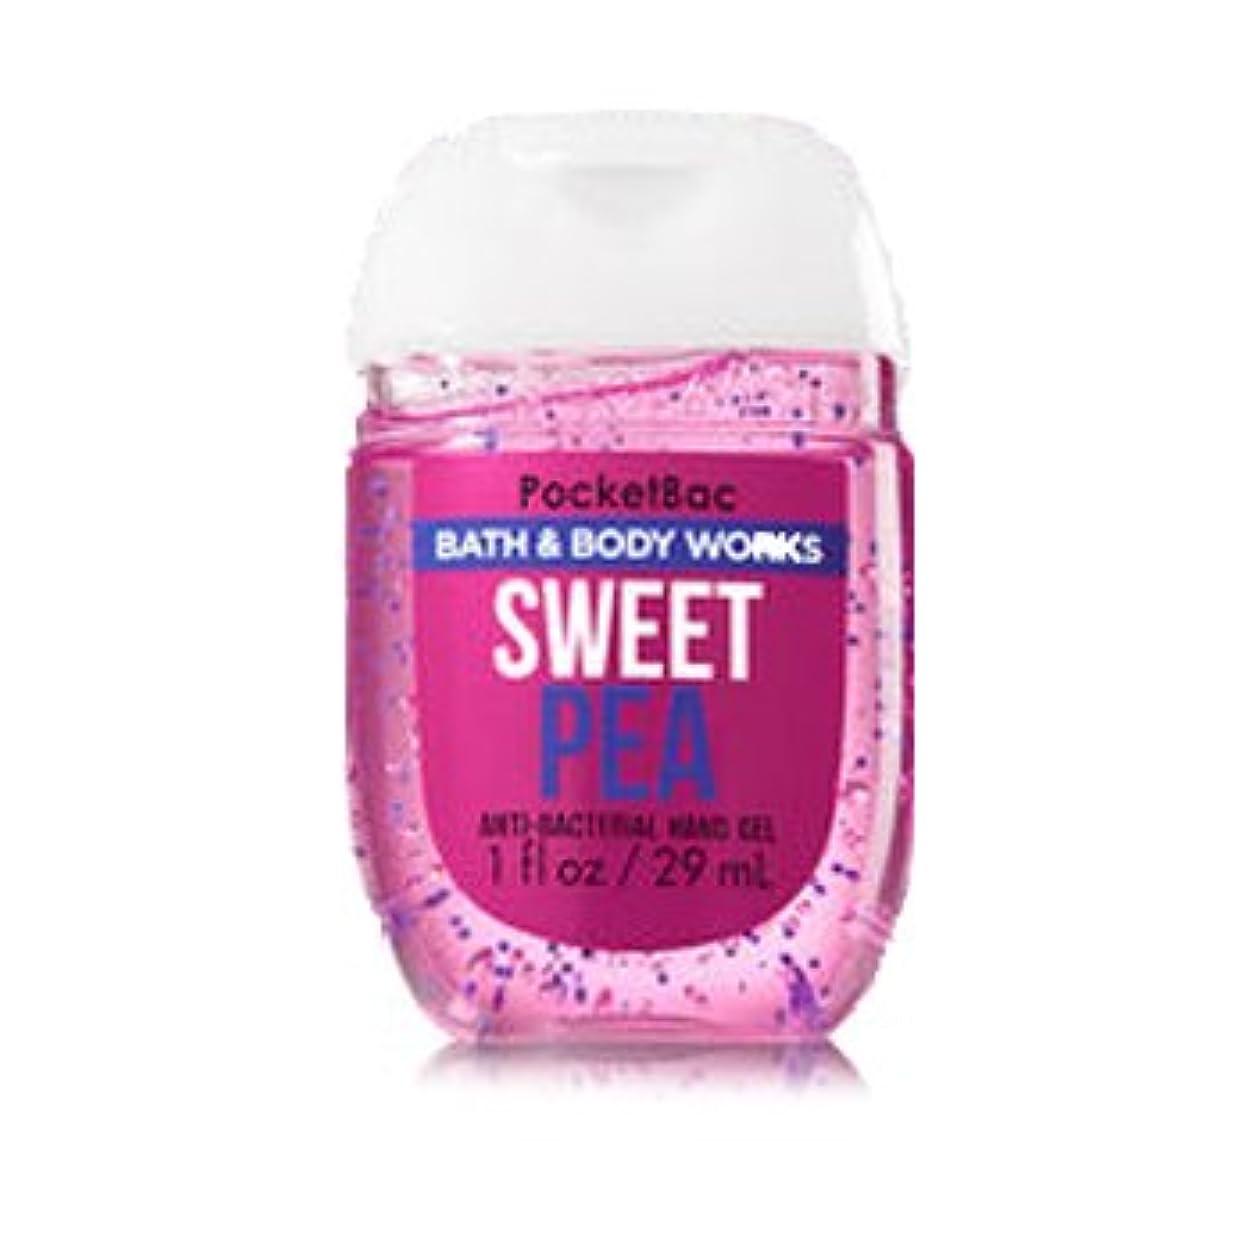 福祉輝く評論家バス&ボディワークス ハンドジェル 29ml スウィートピー Bath&Body Works Anti-Bacterial PocketBac Sanitizing Hand Gel Sweet Pea [並行輸入品]